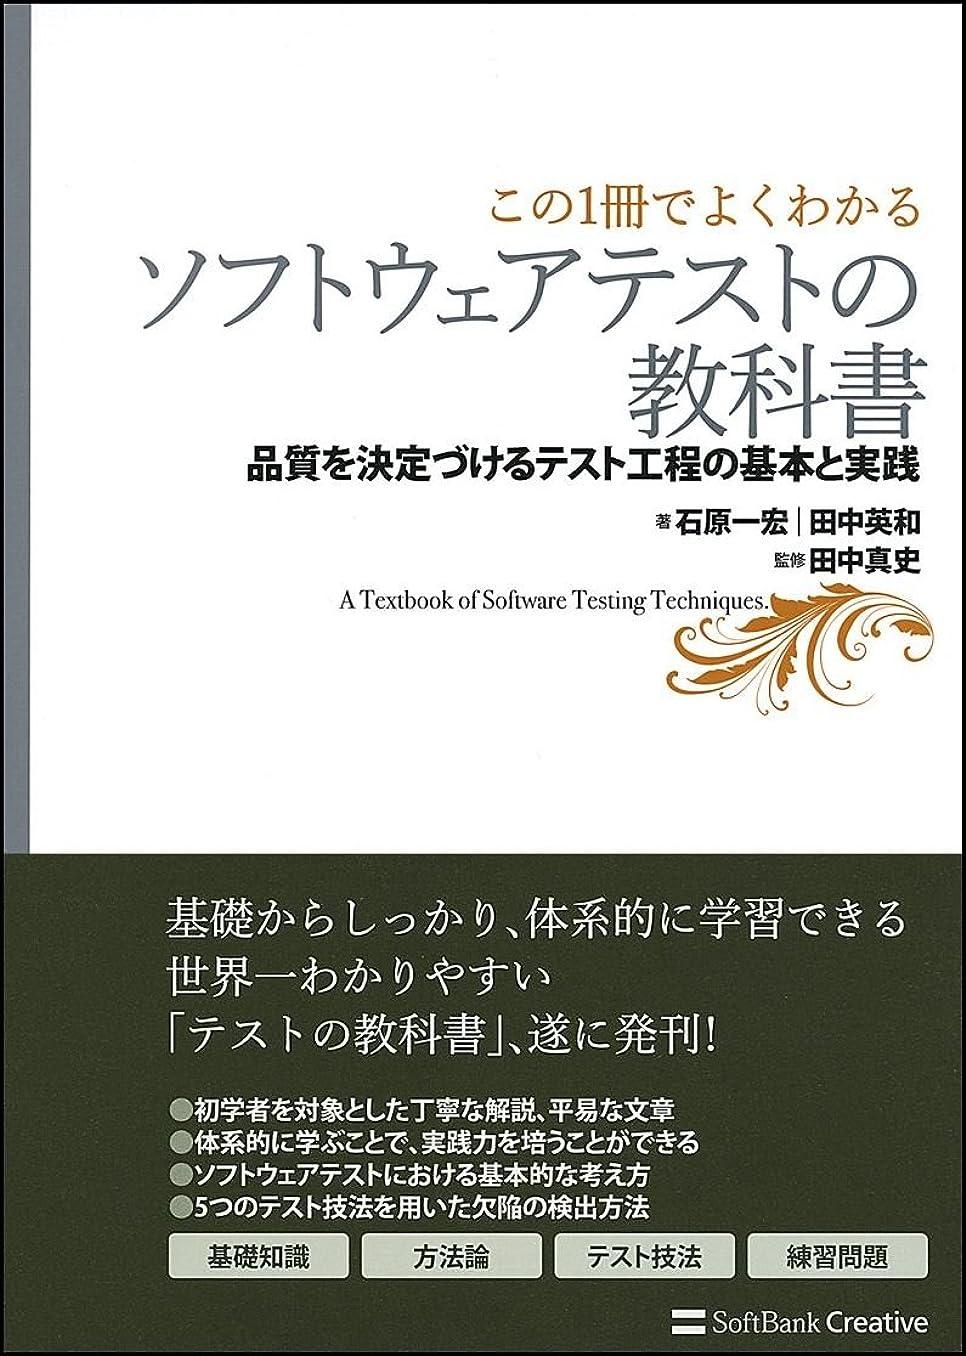 虫を数える石鹸内なる【この1冊でよくわかる】ソフトウェアテストの教科書―品質を決定づけるテスト工程の基本と実践